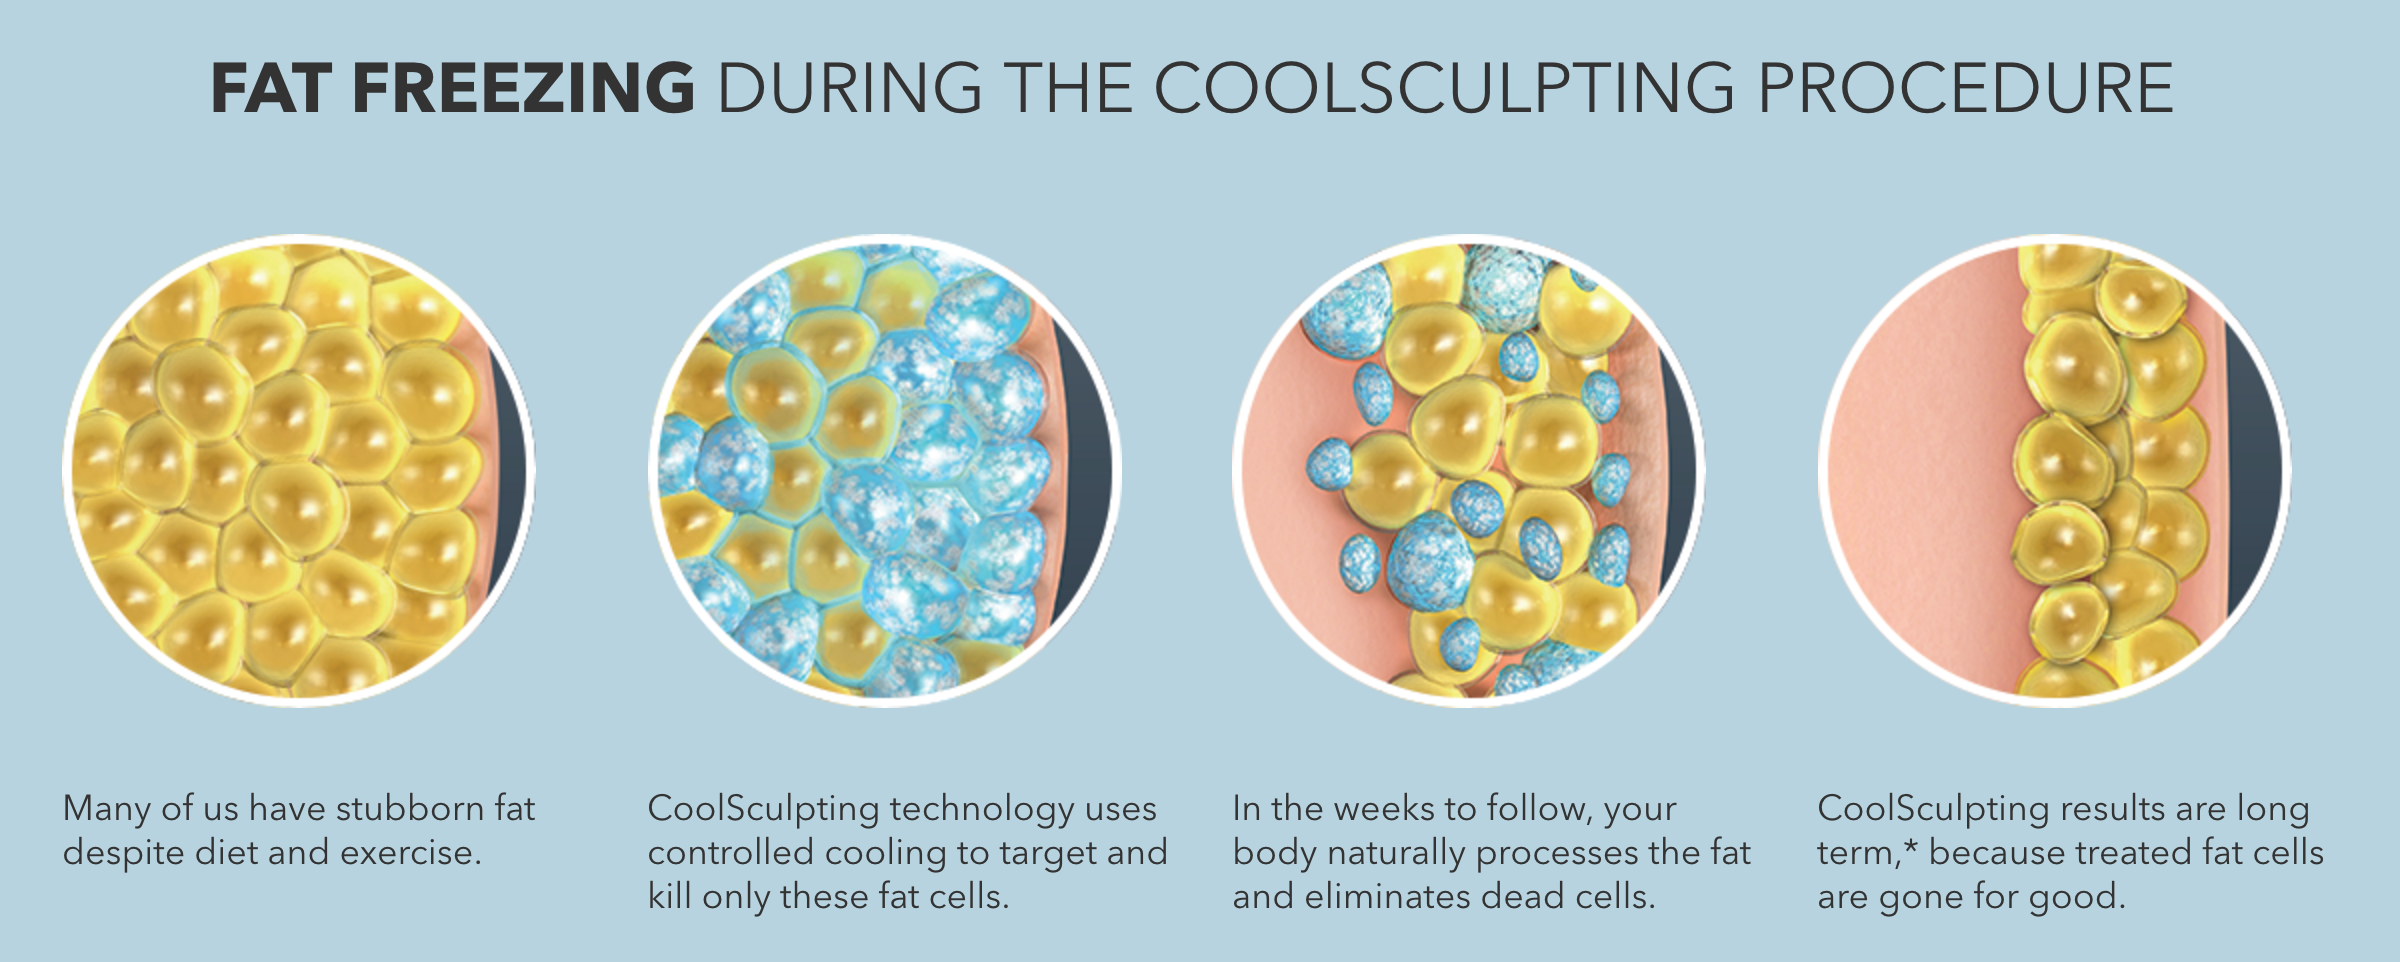 CoolSculpting Process